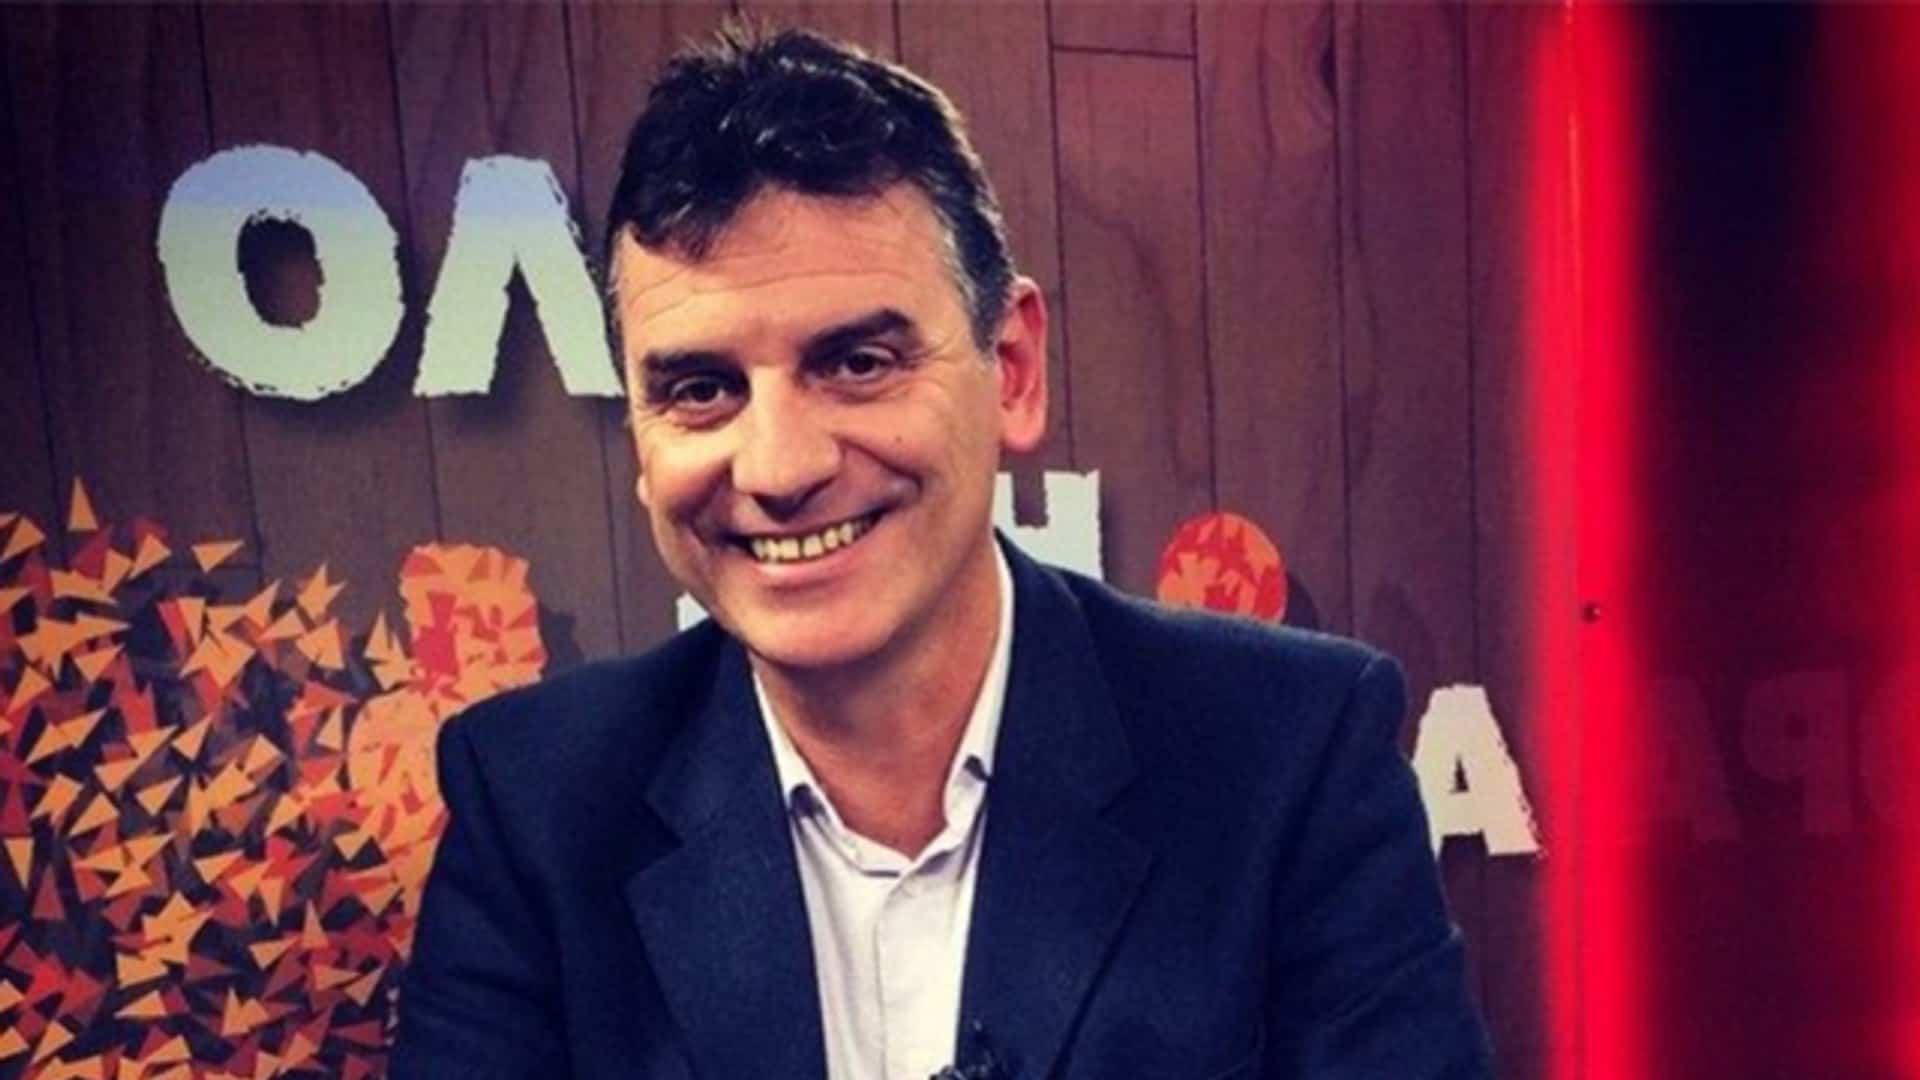 VIDEO – Ο Σωτήρης Γεωργούντζος αποκαλύπτει τι θα γίνει στην Β εθνική κατηγορία στον Γ. Κουμέντο